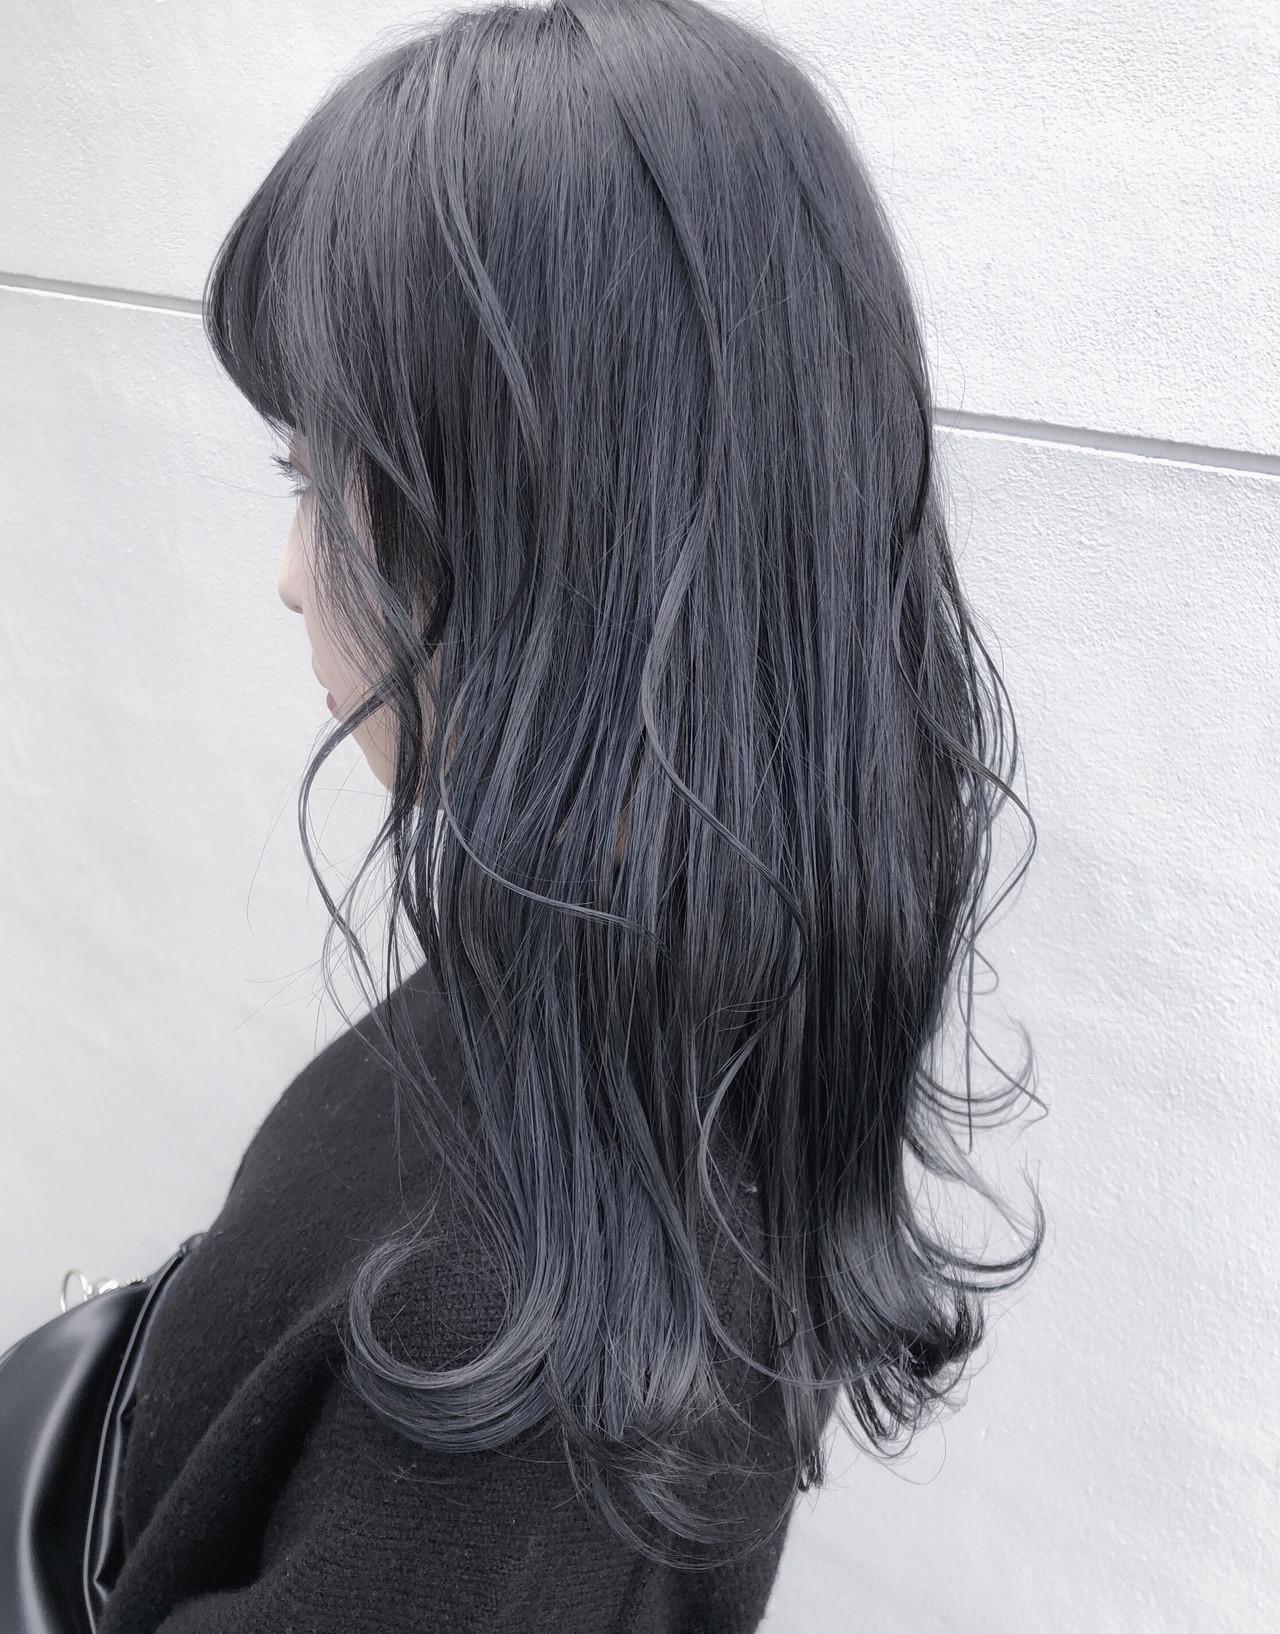 ネイビーアッシュで作るナチュラルな暗髪セミロング TAKUMI KAWAHORIank classic